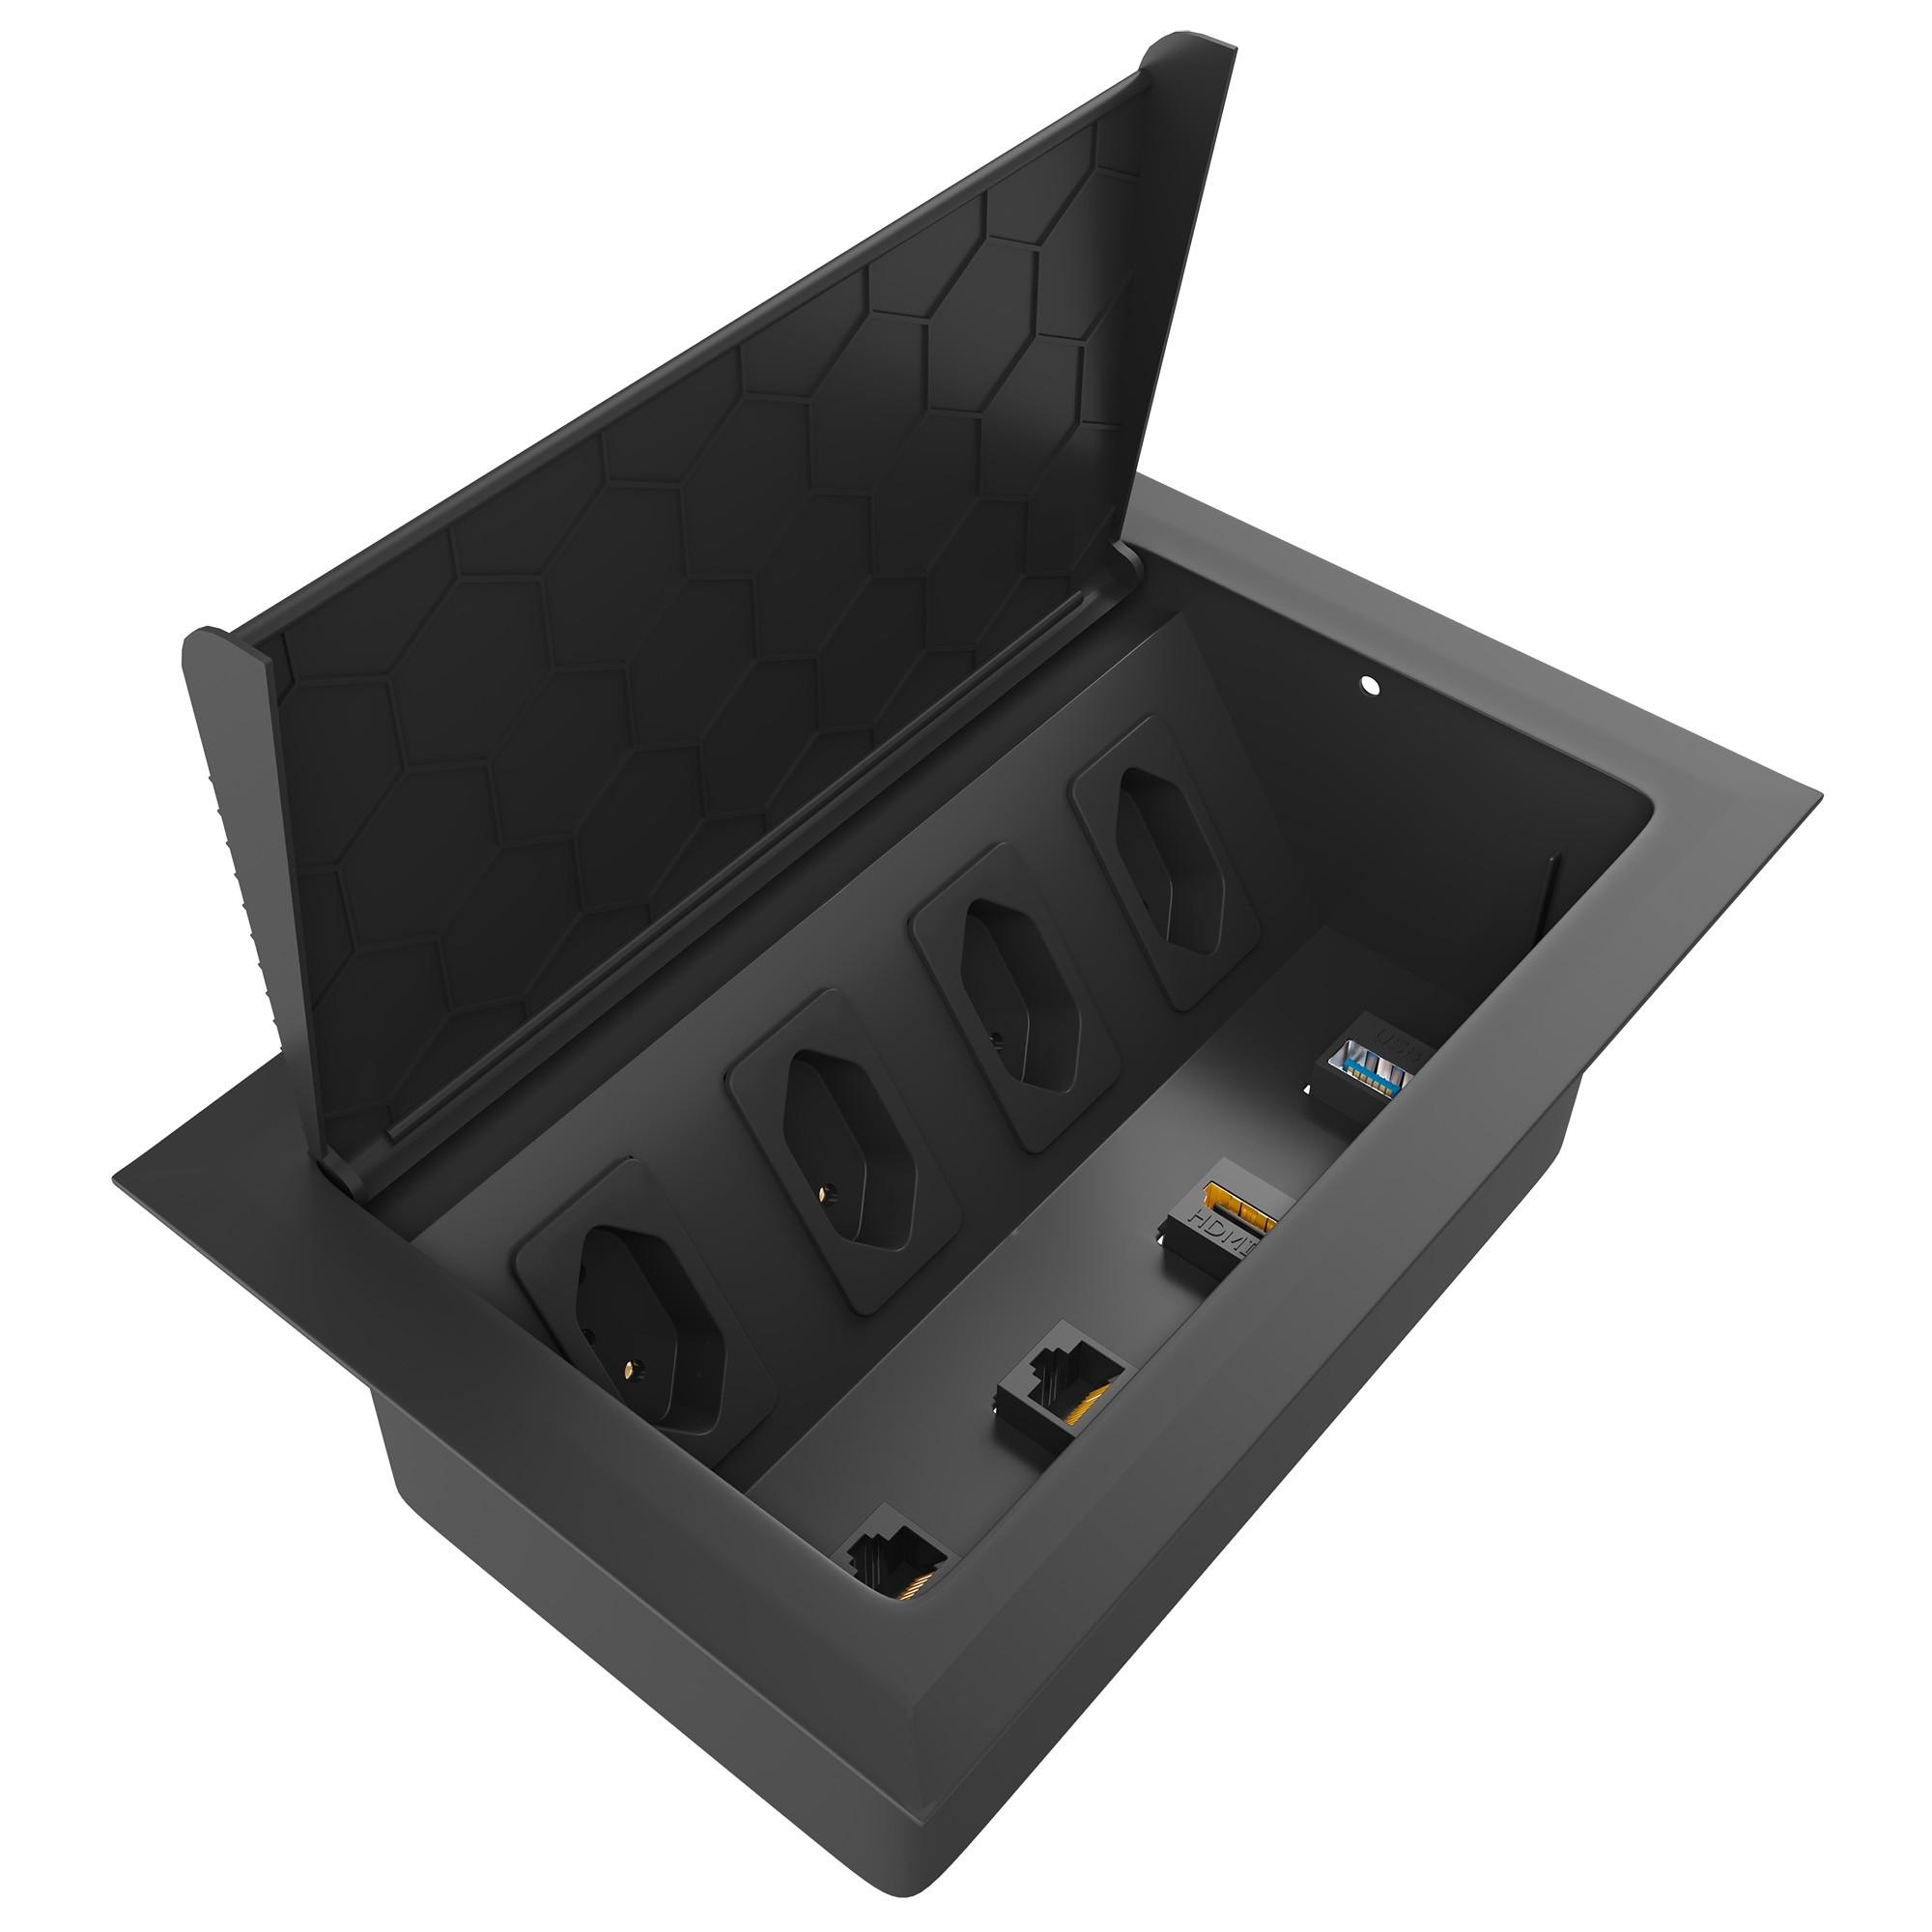 Caixa de Tomada Embutir - CX44